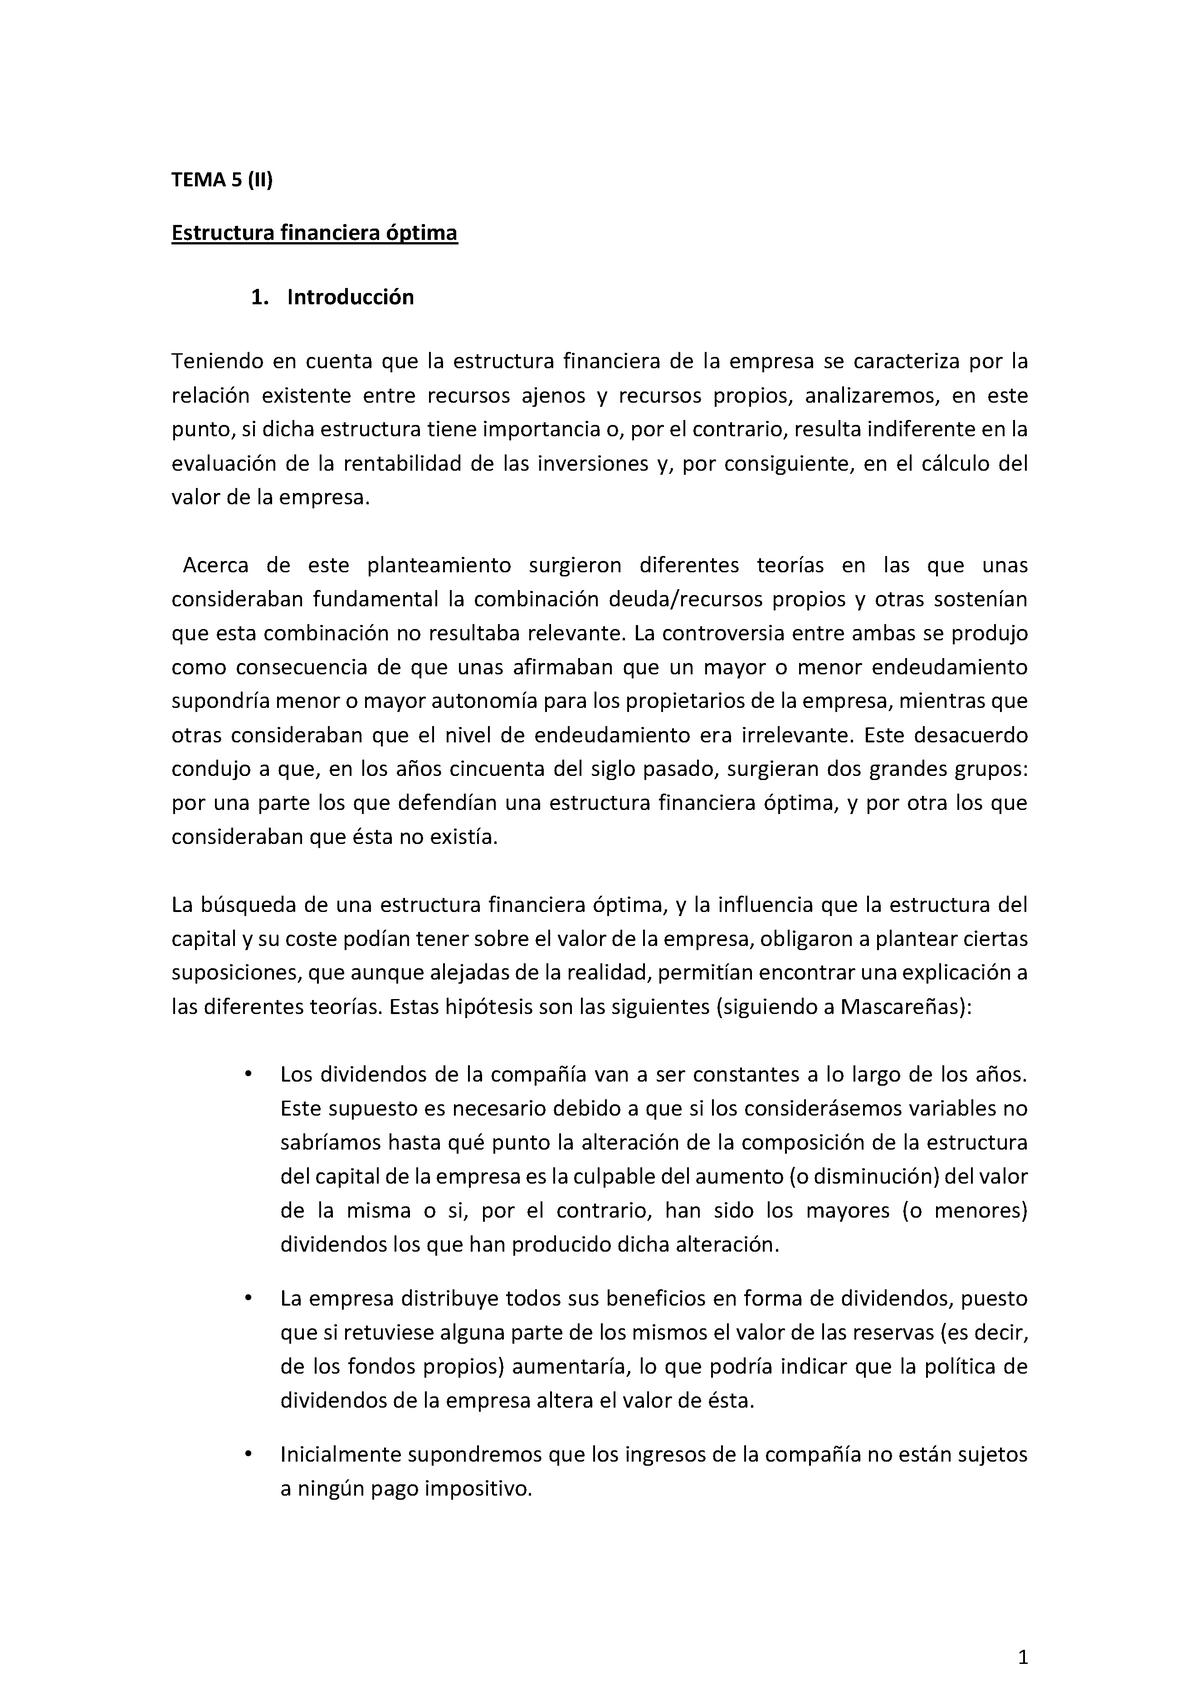 Tema 5 Ii Estructura Financiera Optima V55g020v01501